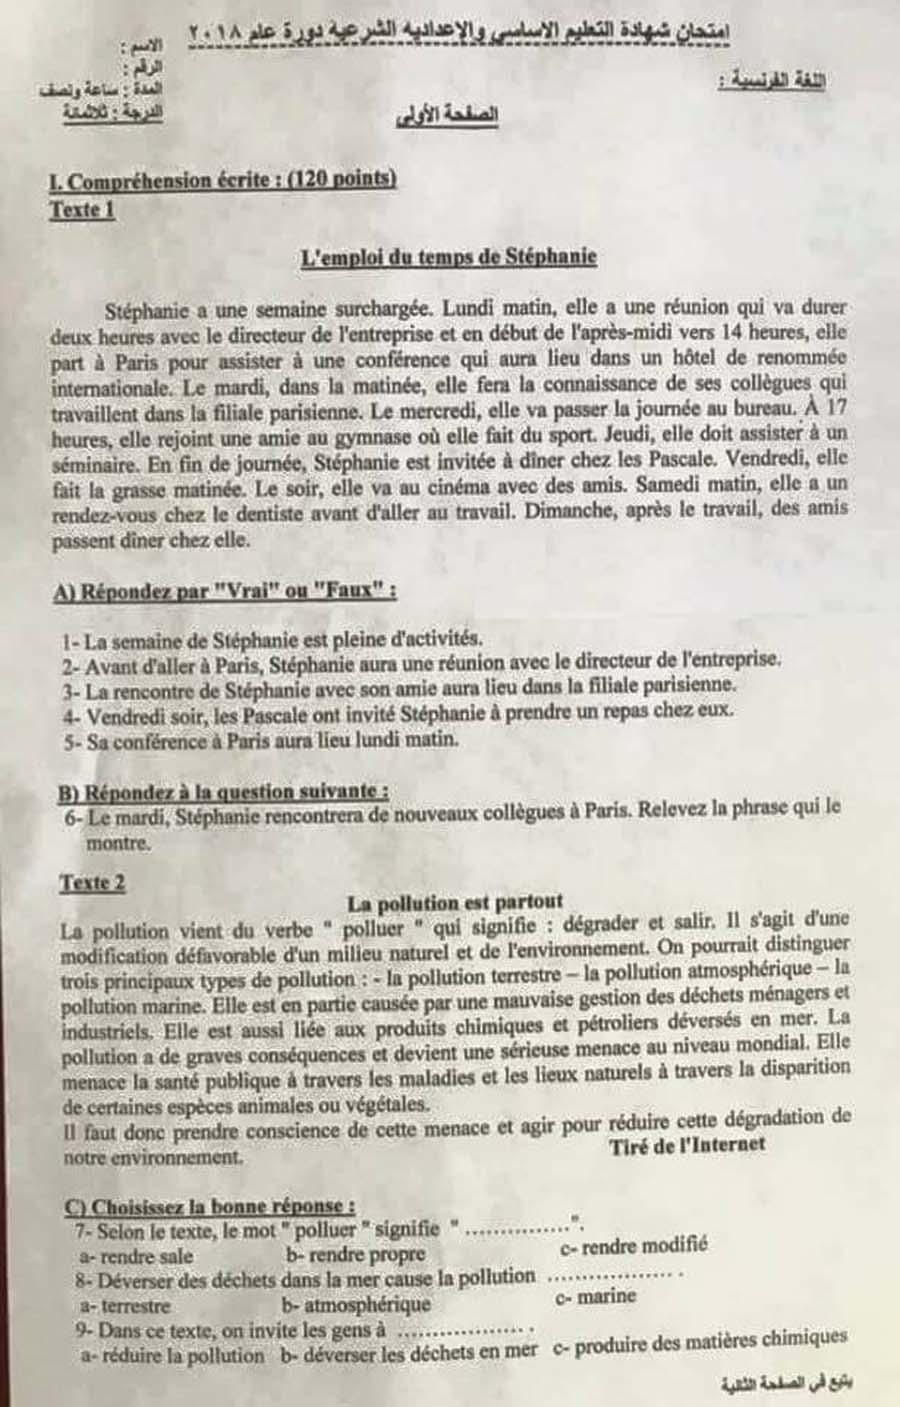 طرطوس ورقة اسئلة الفرنسي للامتحان النهائي لطلاب شهادة التعليم الأساسي 2018 - التاسع سوريا